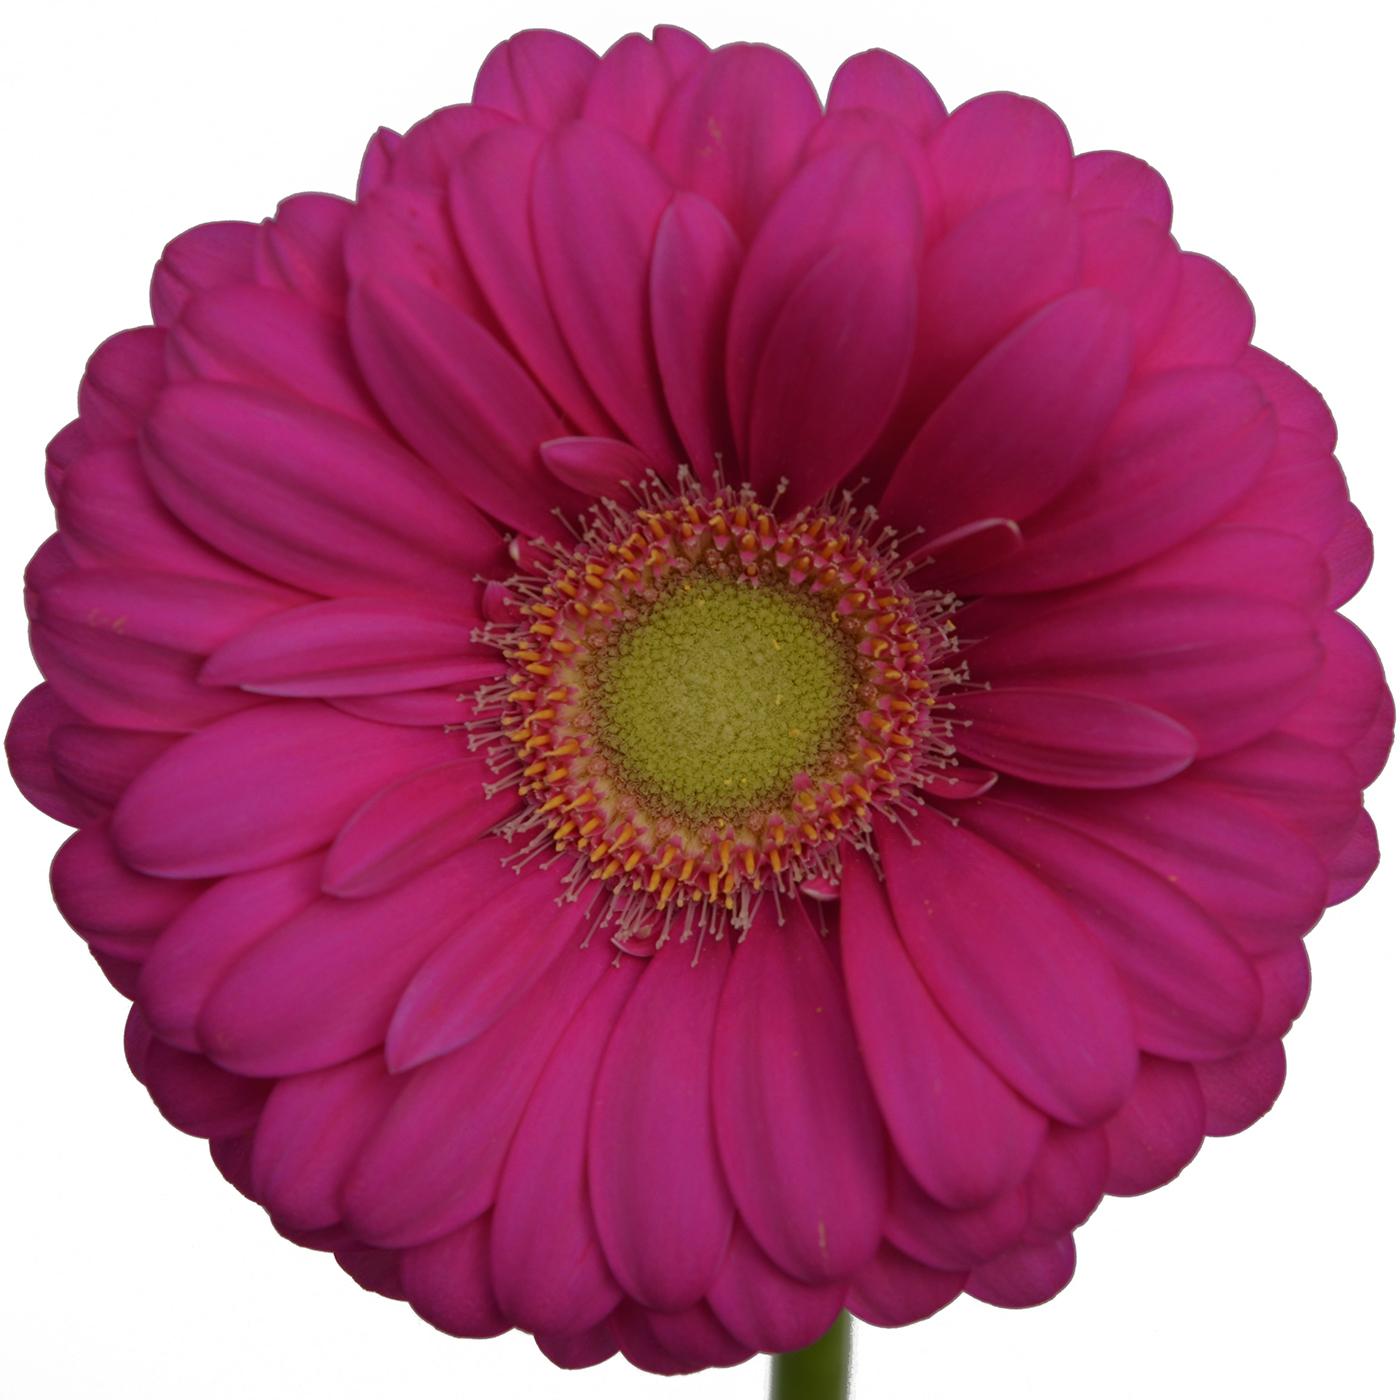 Gerbera Daisy Hot Pink Light Center Stems Ship Cut Flowers